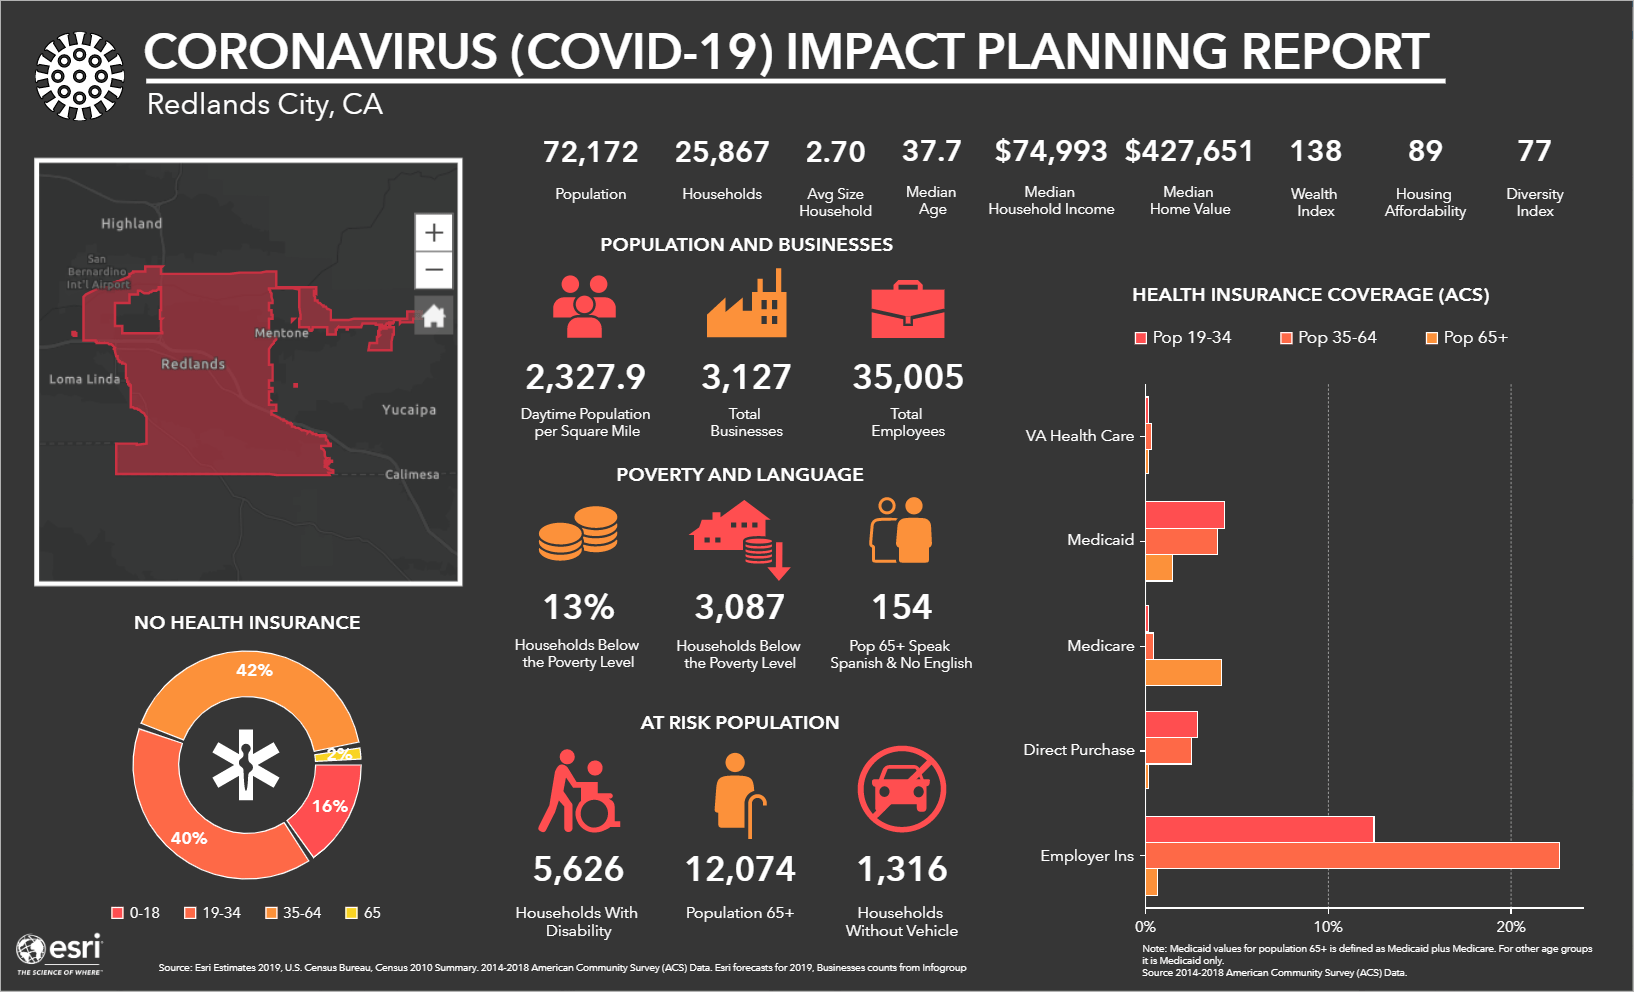 Coronavirus Impact Planning Report Template